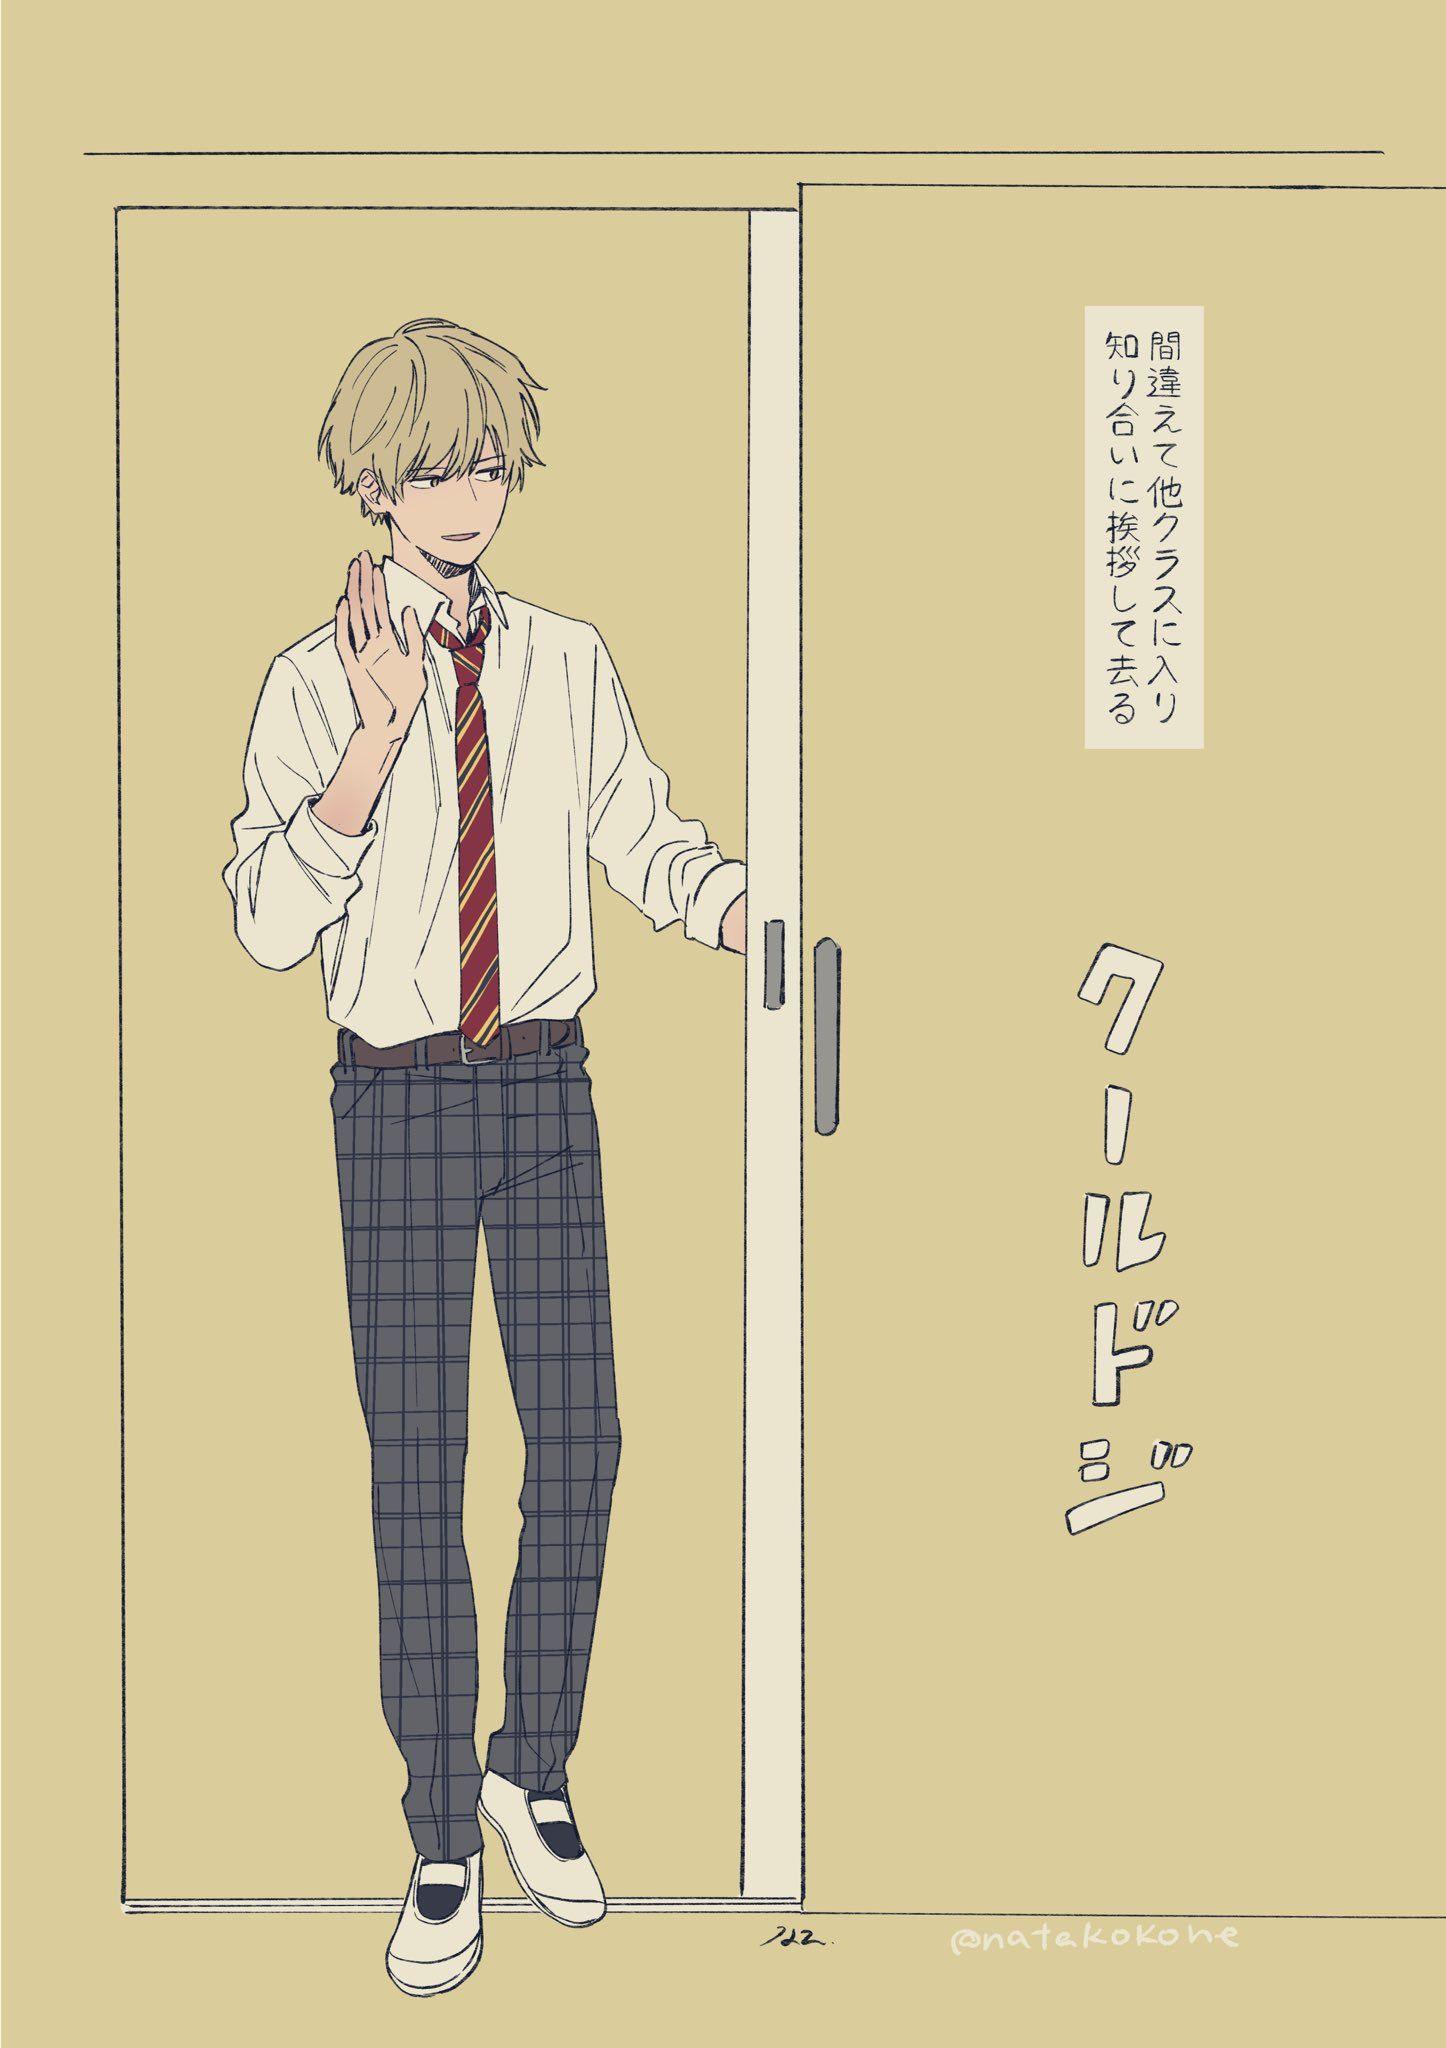 Twitter 男子イラスト, Orange 漫画, アニメスタイル